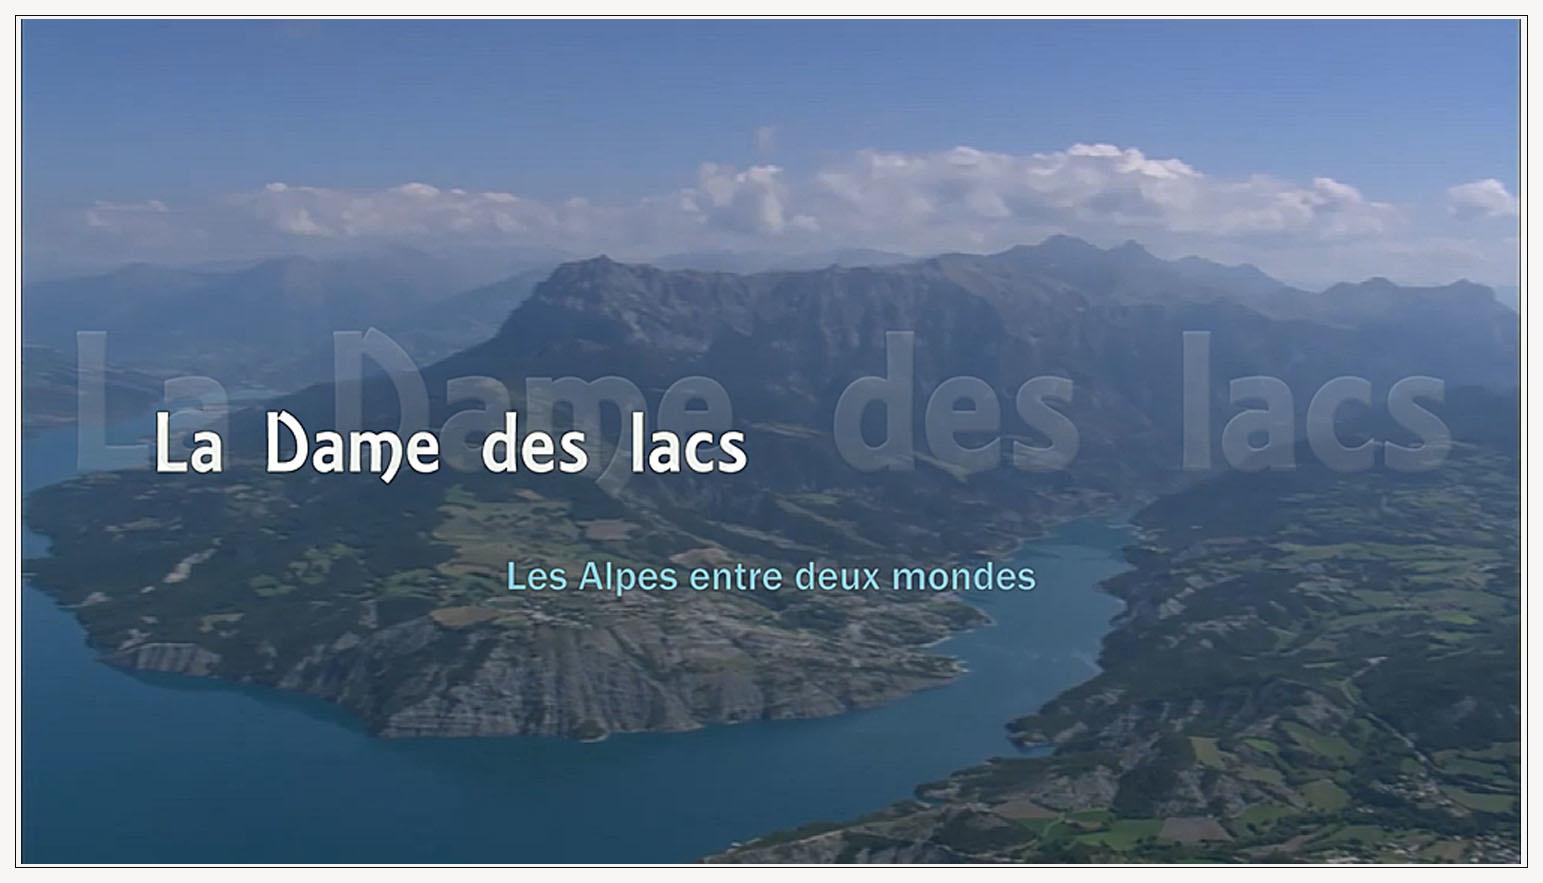 Le projet WATER STORIES la dame des lacs